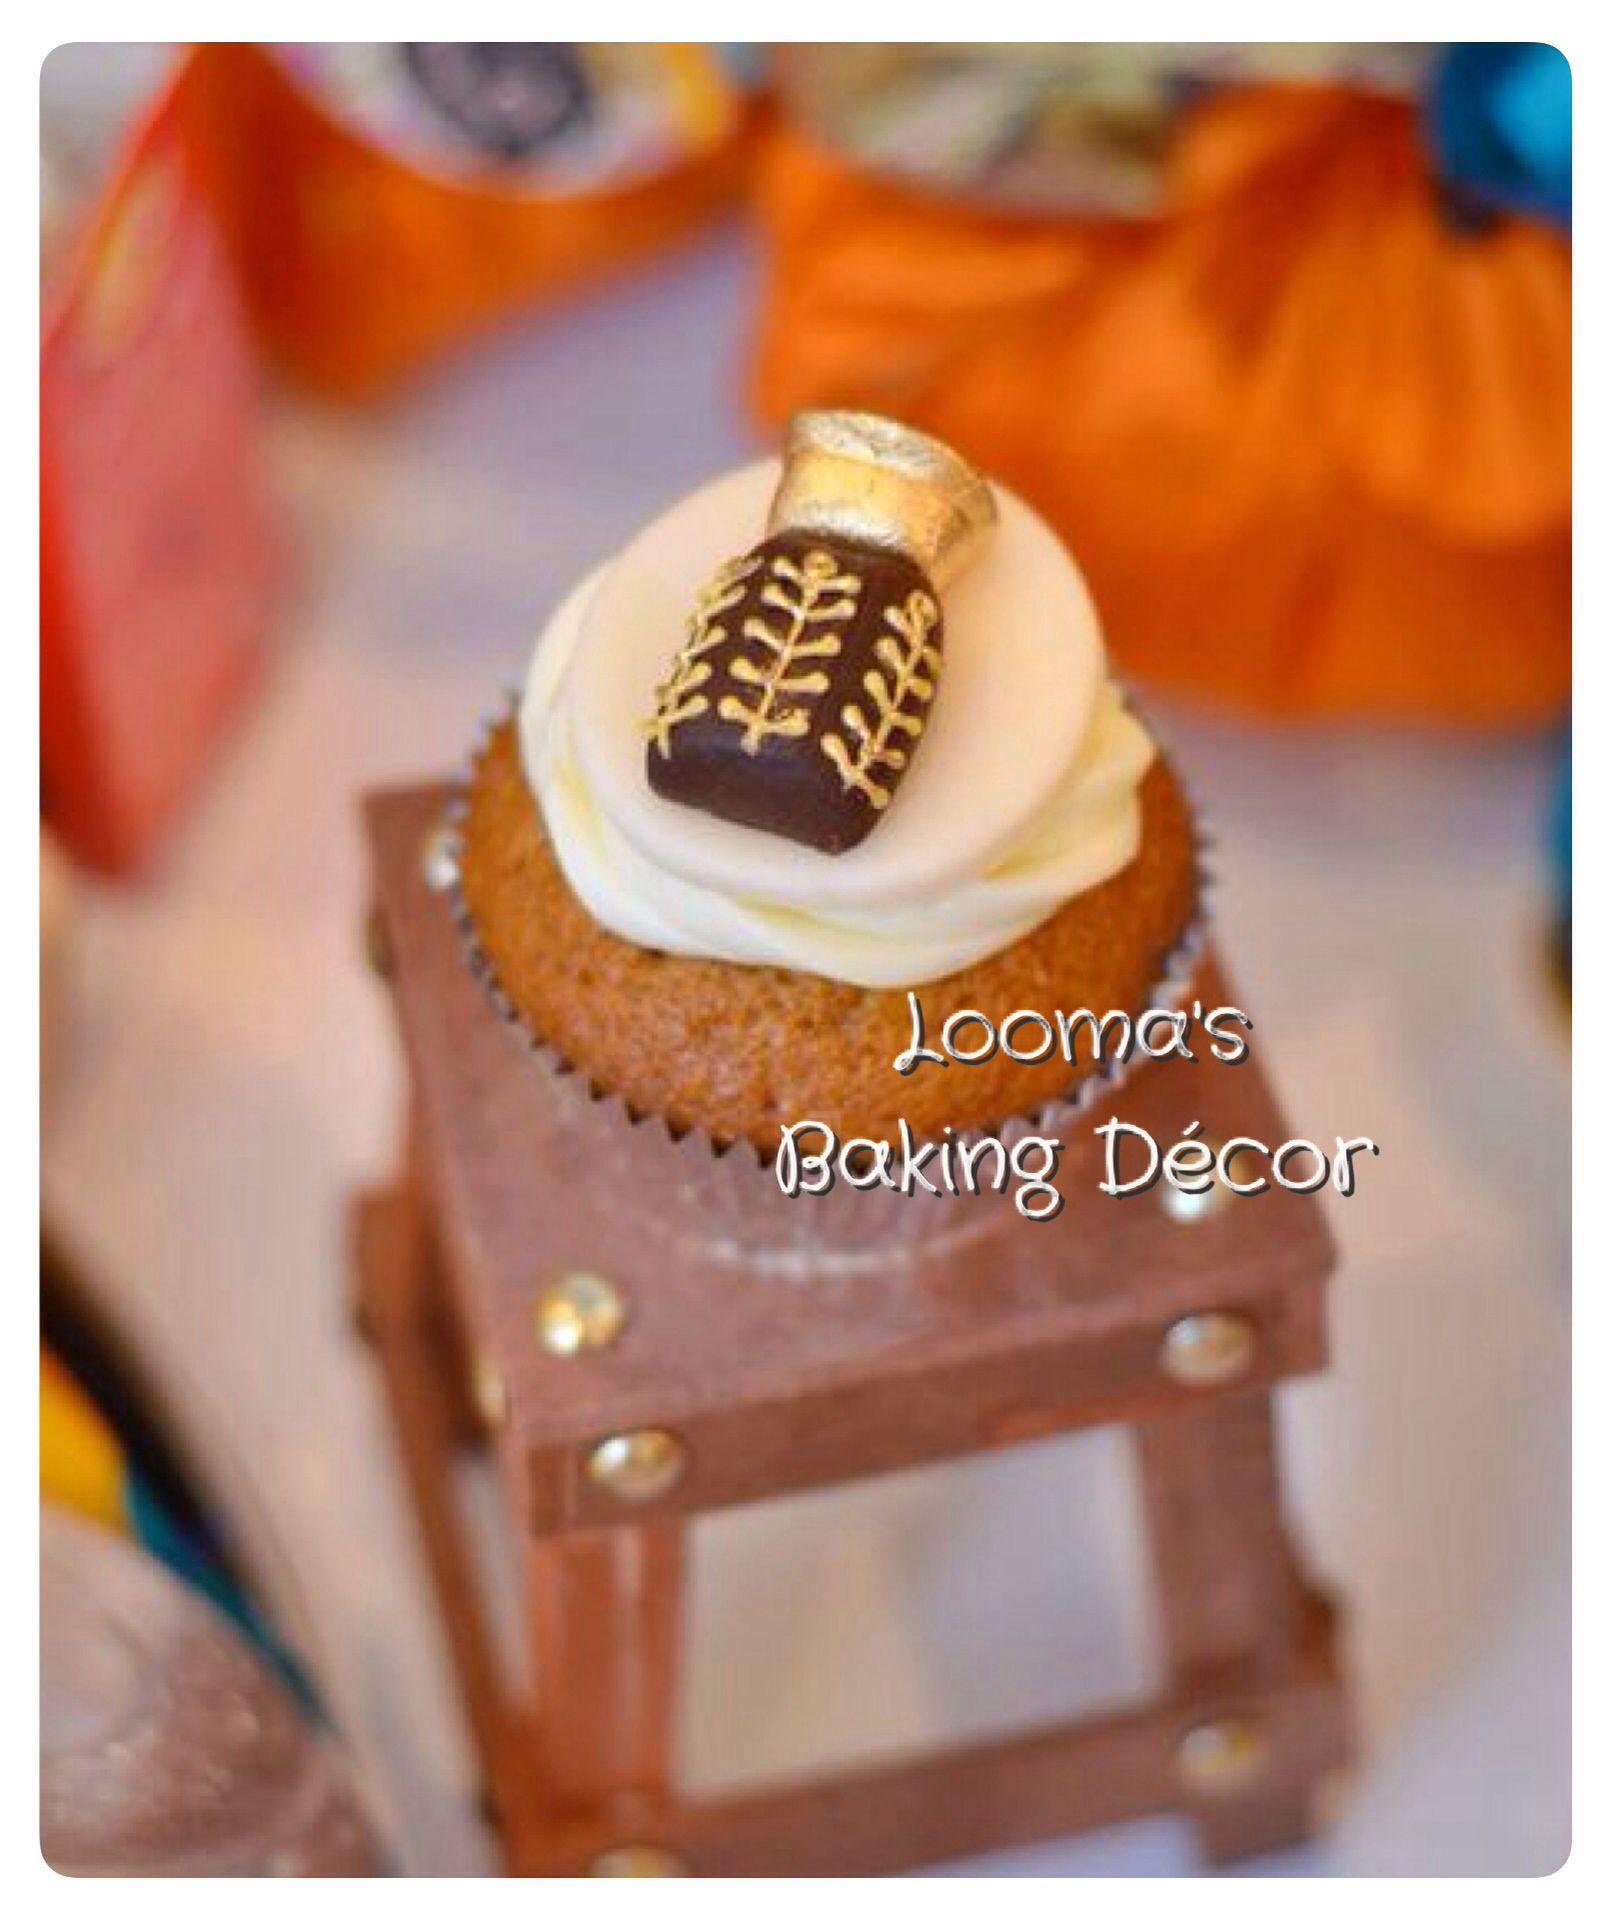 دهن العود من مجموعتي ل كب كيك رمضان كب كيك القرقيعان Our Traditional Oil Perfume Oud Cupcake From My Ramadan Cupcake Co Eid Cake Cupcake Cakes Themed Cakes